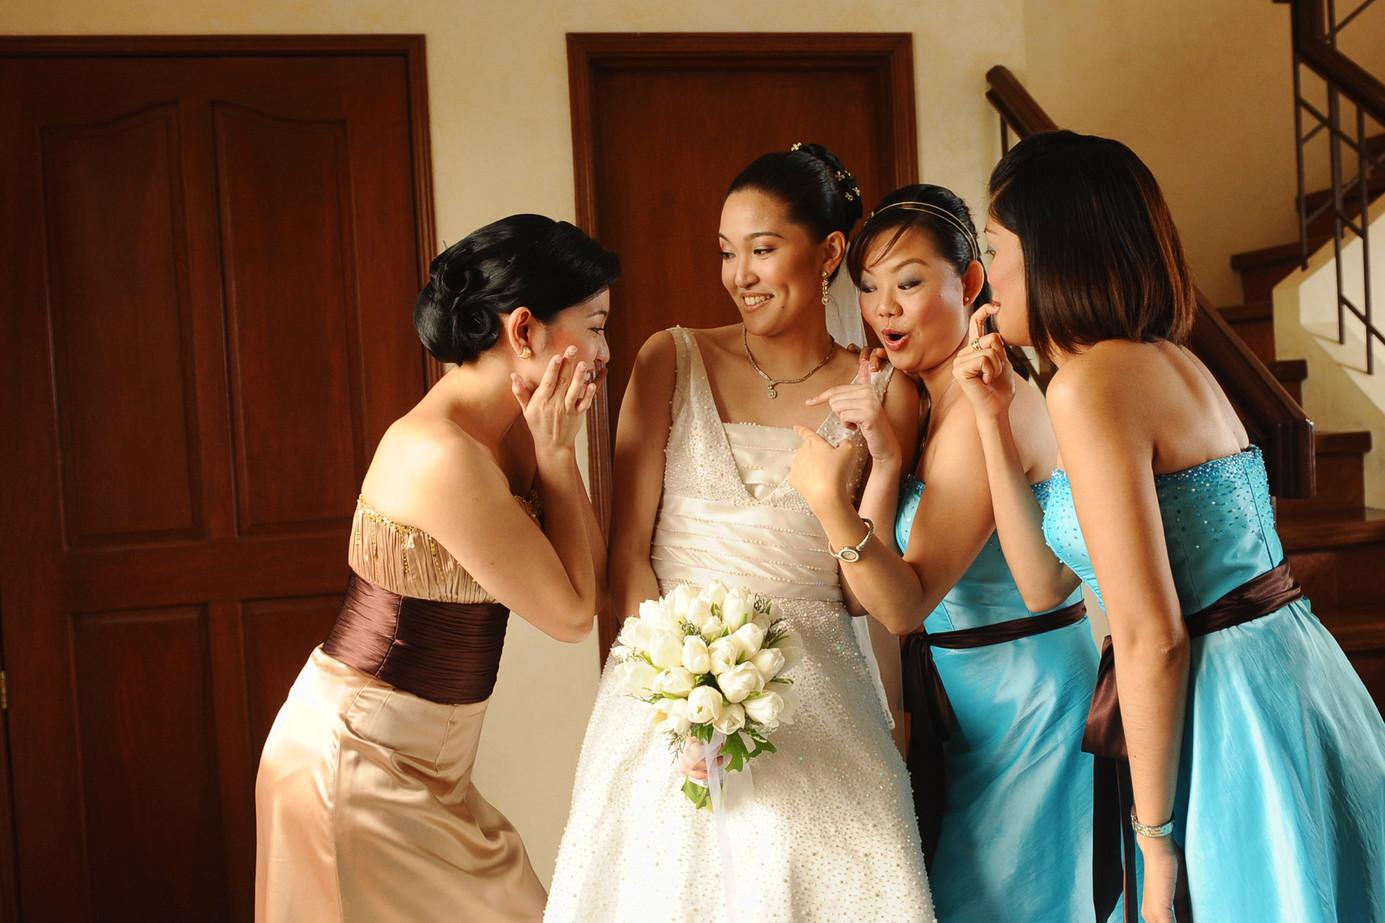 weddings28.JPG